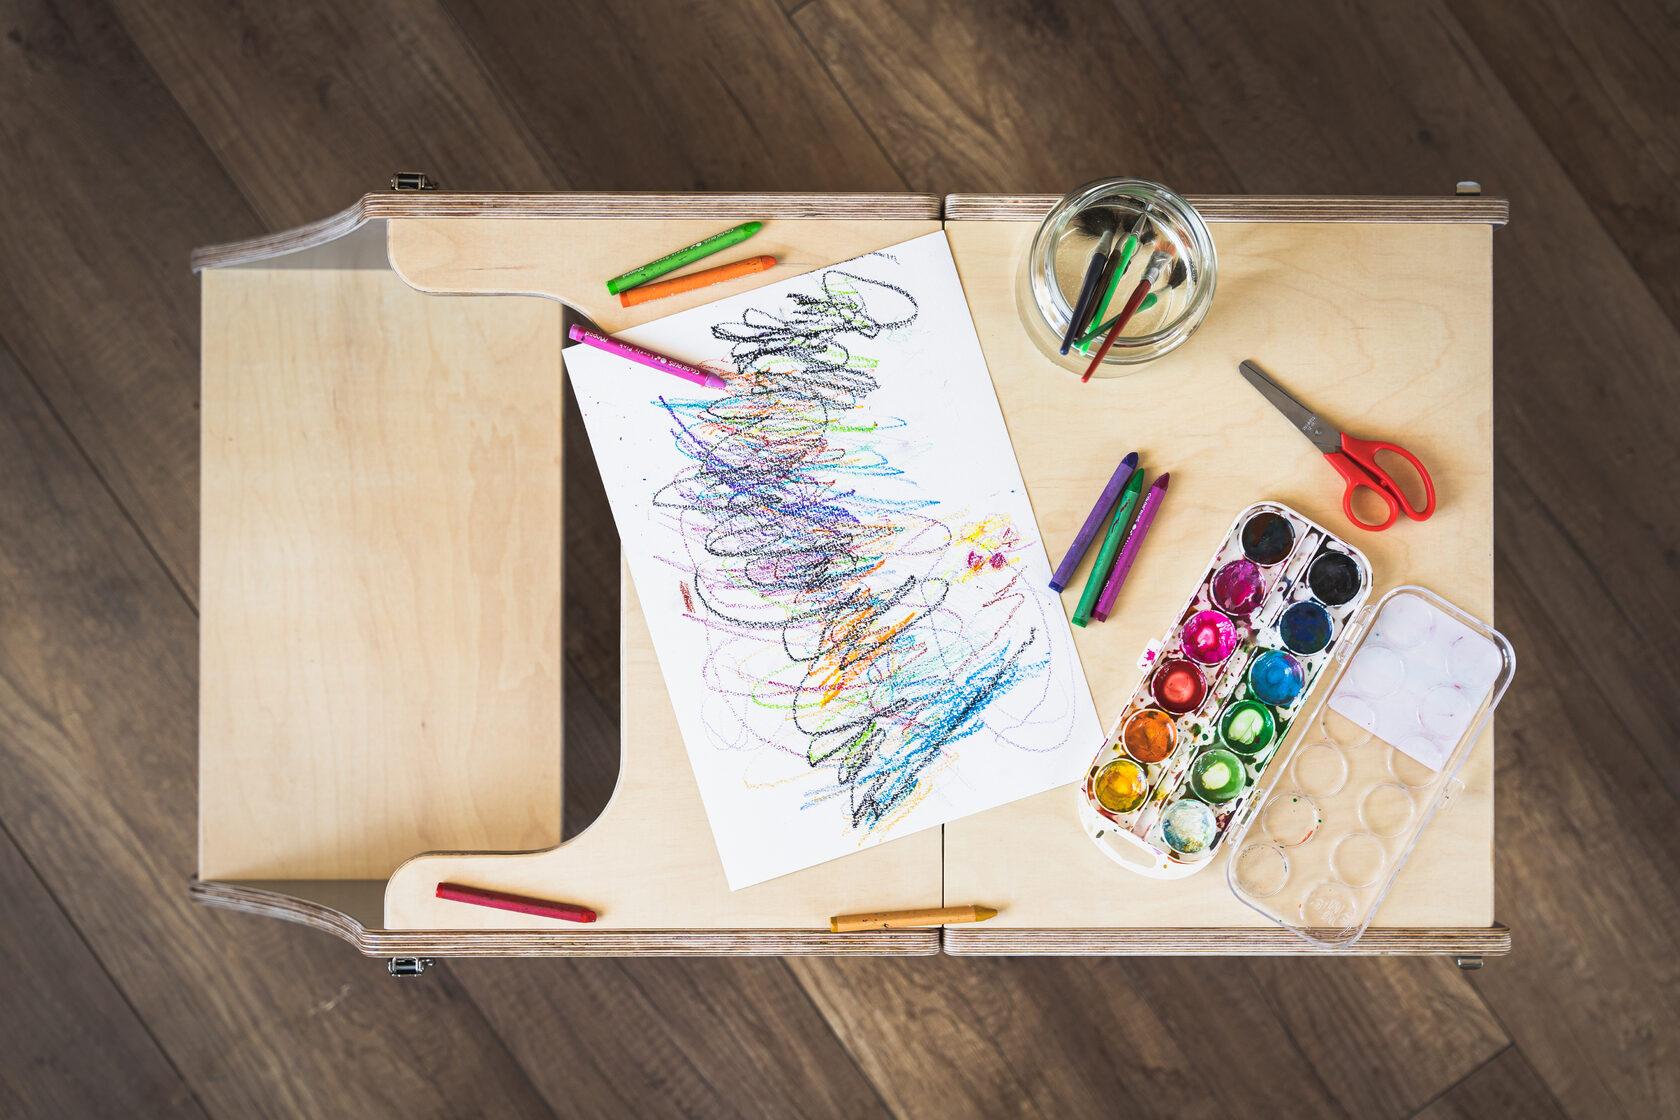 Montessori kāpslītis pārveidojams par galdiņu bērniem